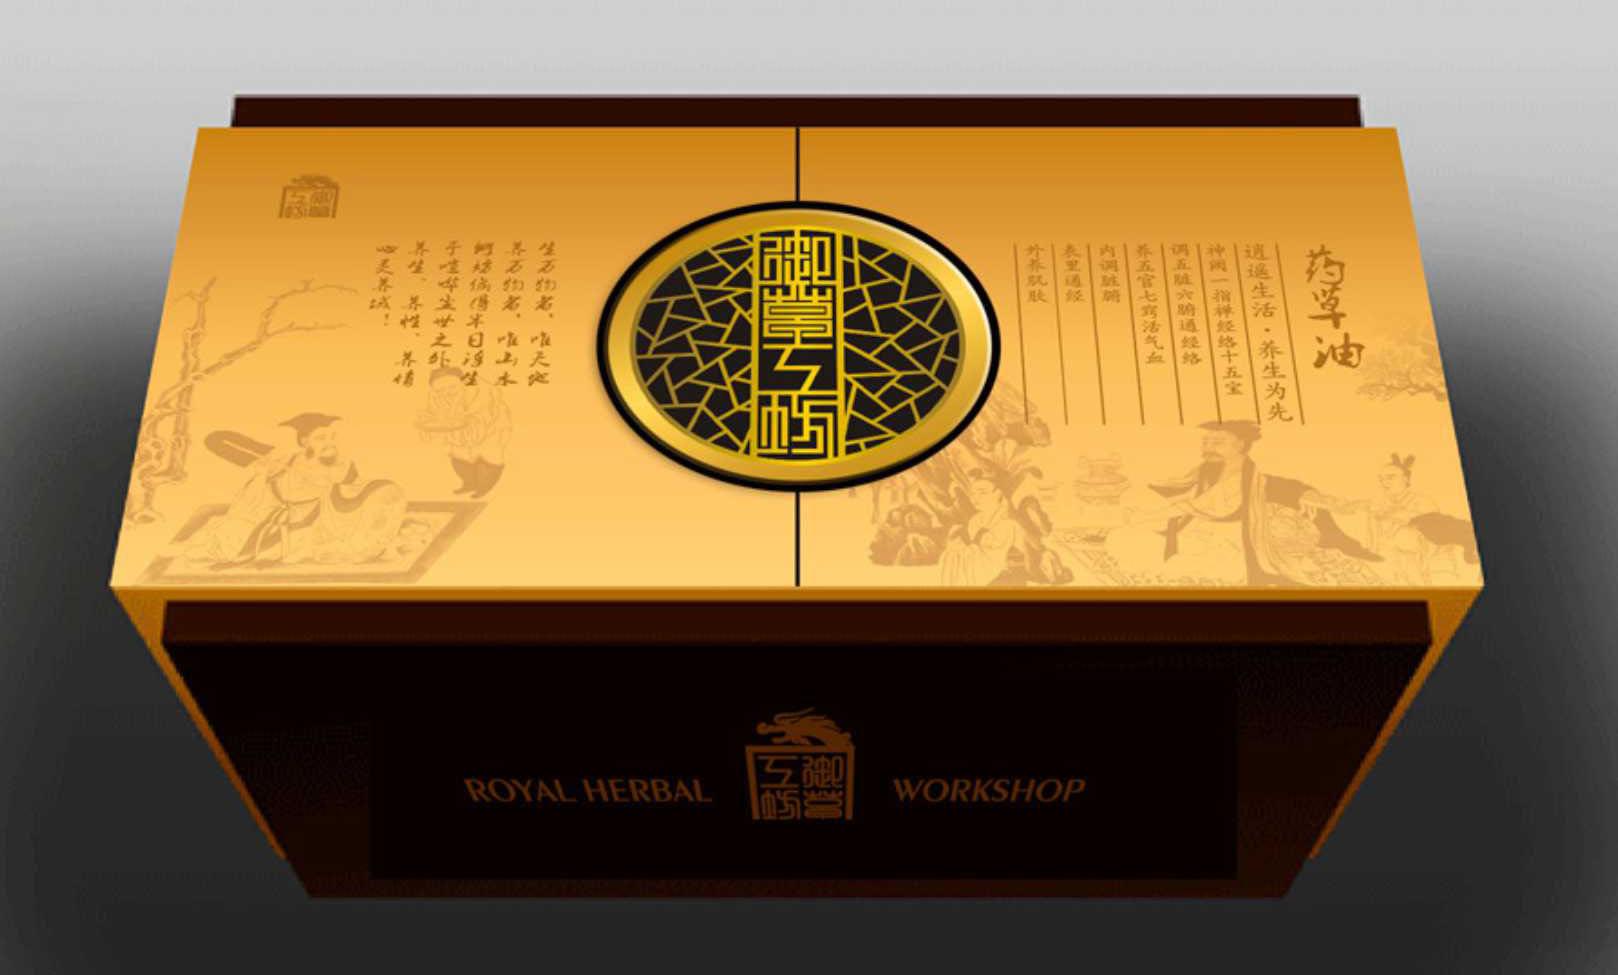 品牌设计案例3 广州专业品牌设计公司